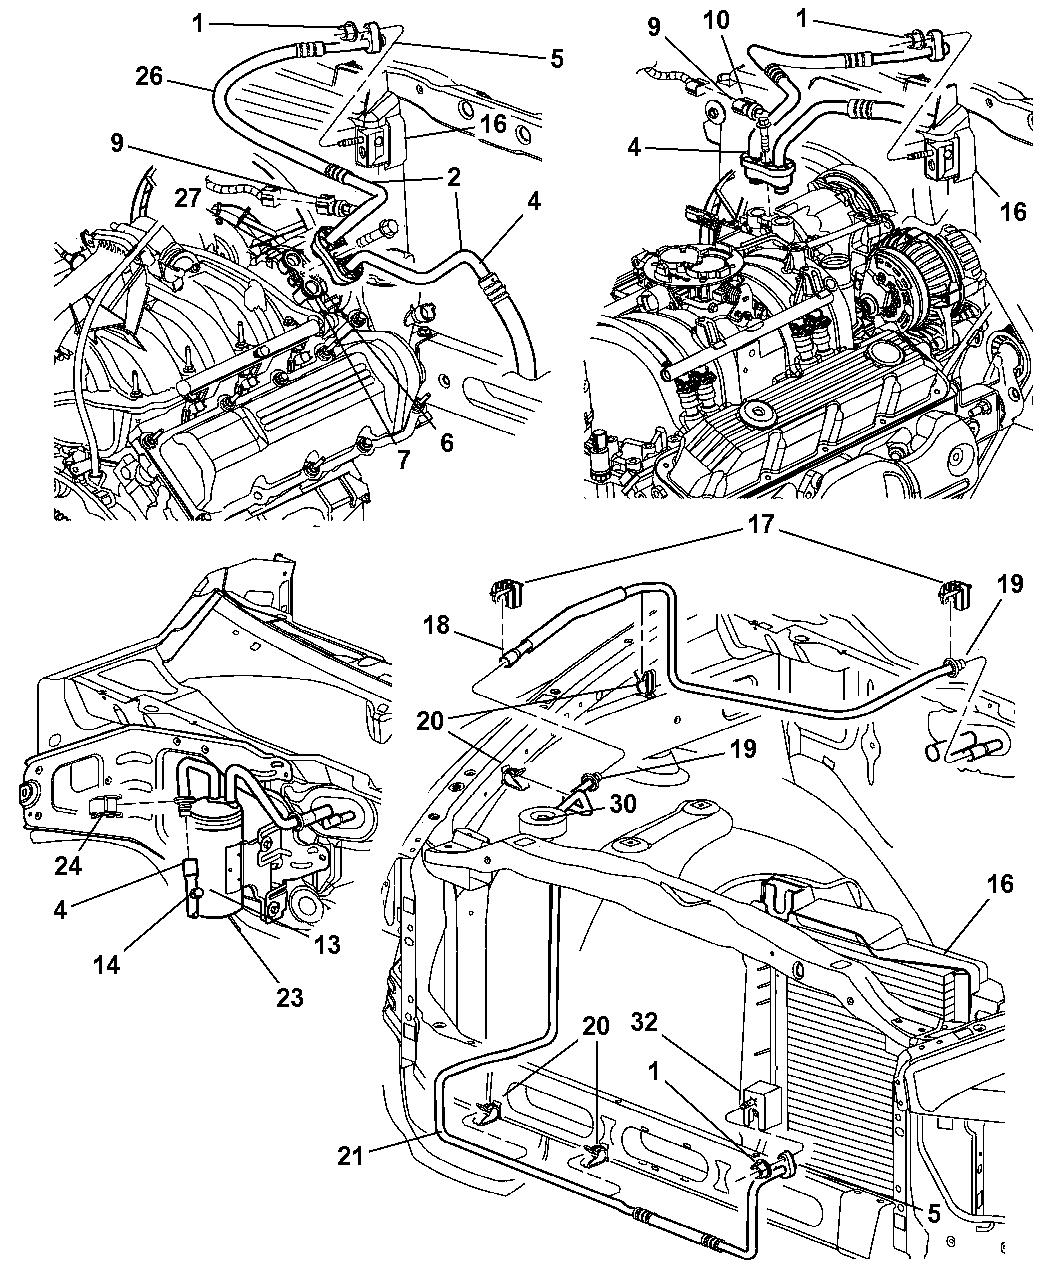 2004 Dodge Ram 3500 Plumbing - A/C - Mopar Parts Giant